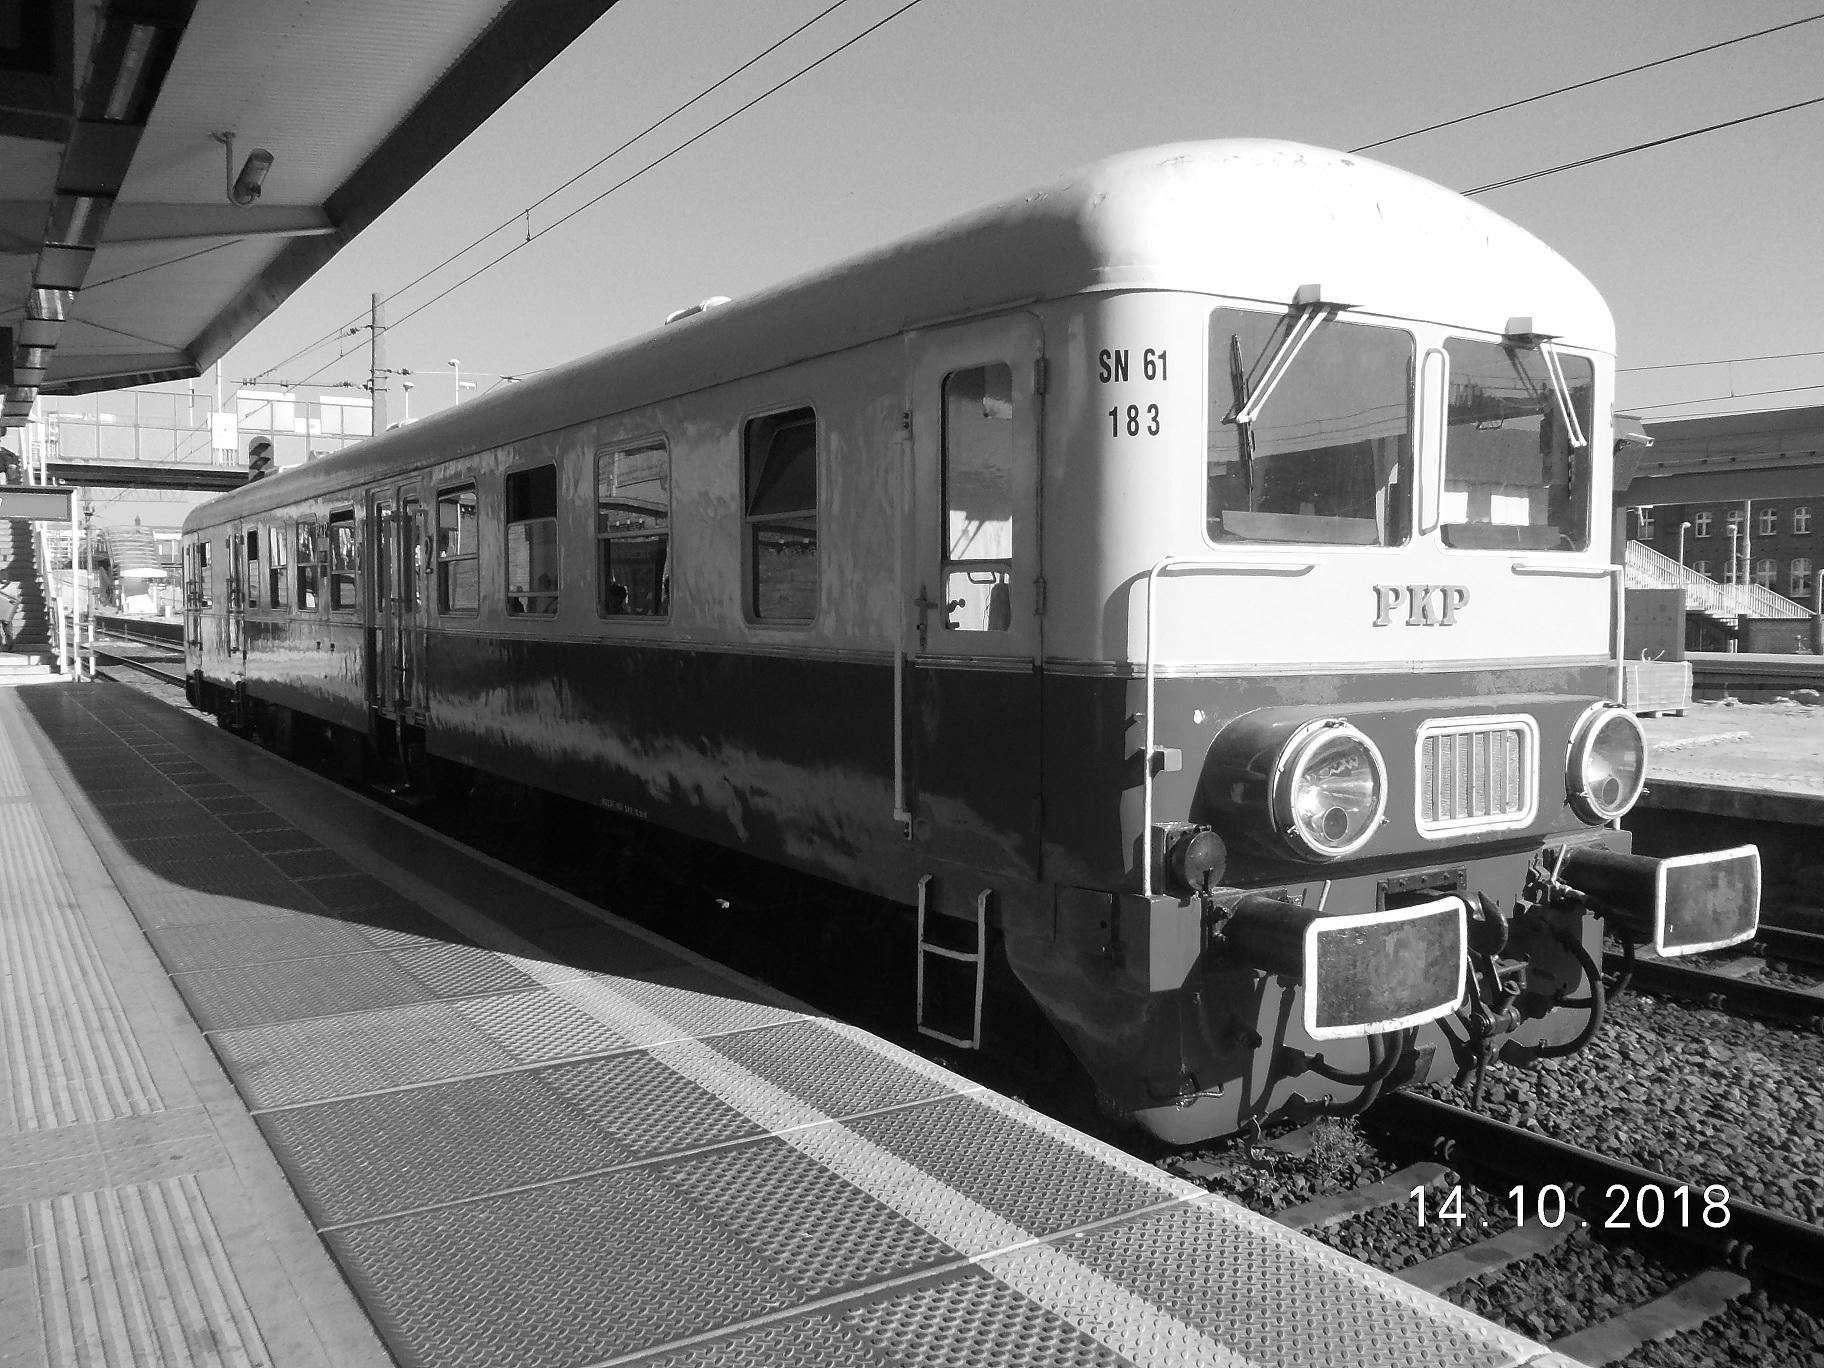 DSCN2235.JPG